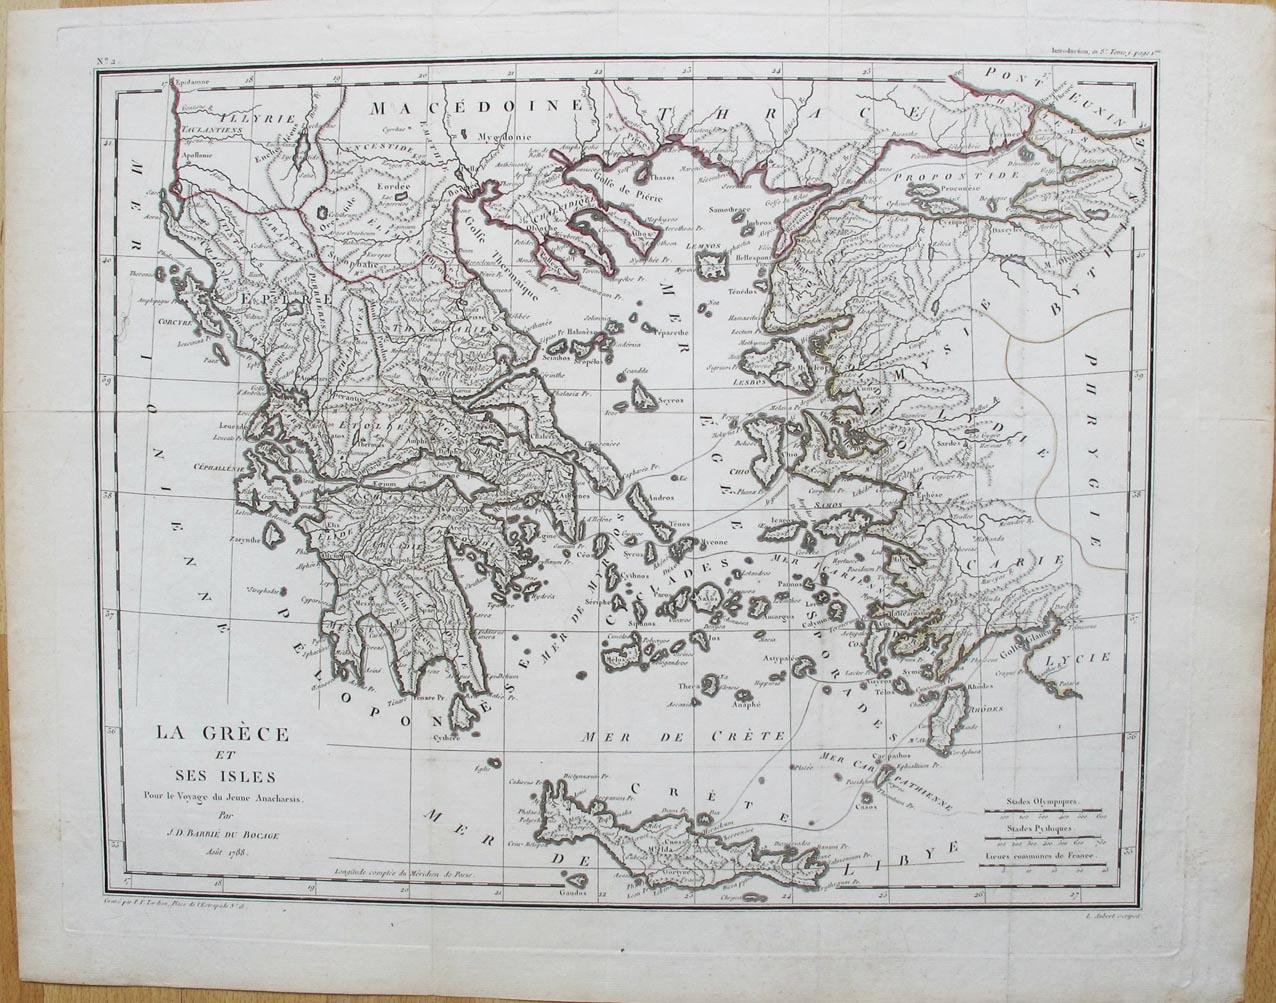 BARBIE DU BOCAGE, J. D. - La Grèce et ses Isles. Pour e Voyage de Jeune Anacharsis.